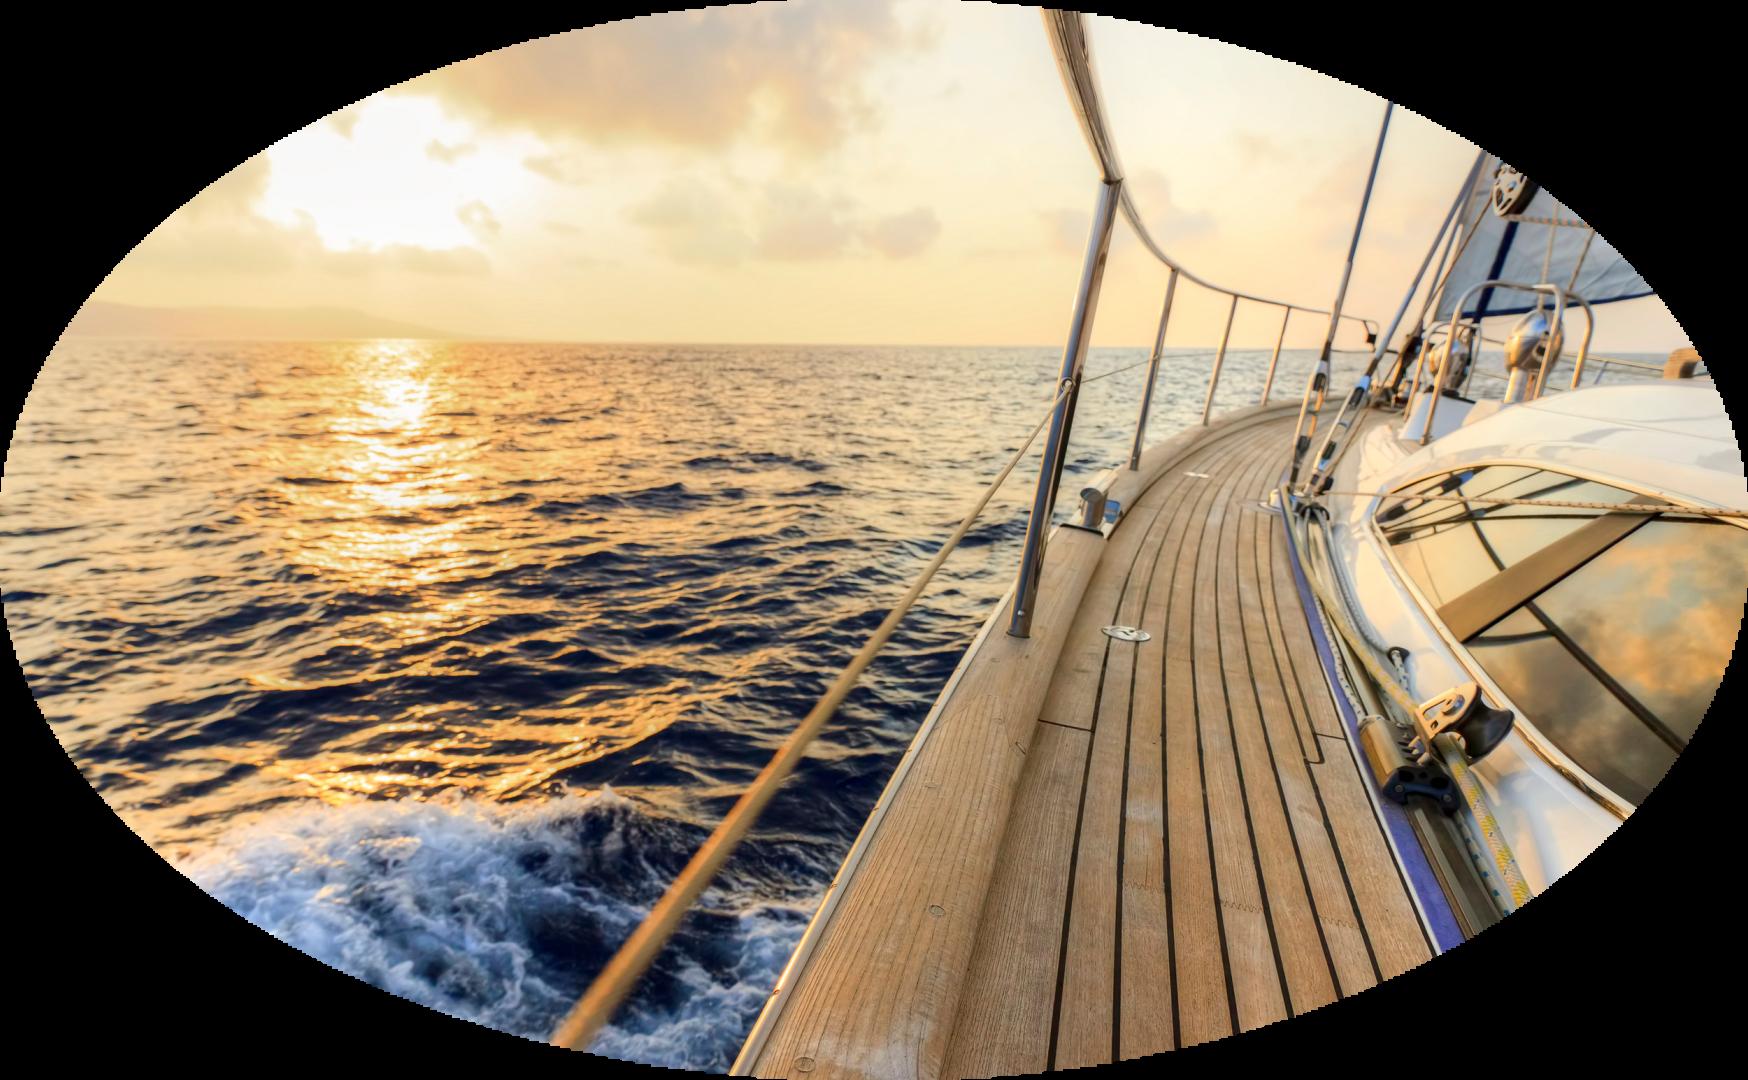 Lese im Blogbuch von SOS über unsere Abenteuer unter Segeln